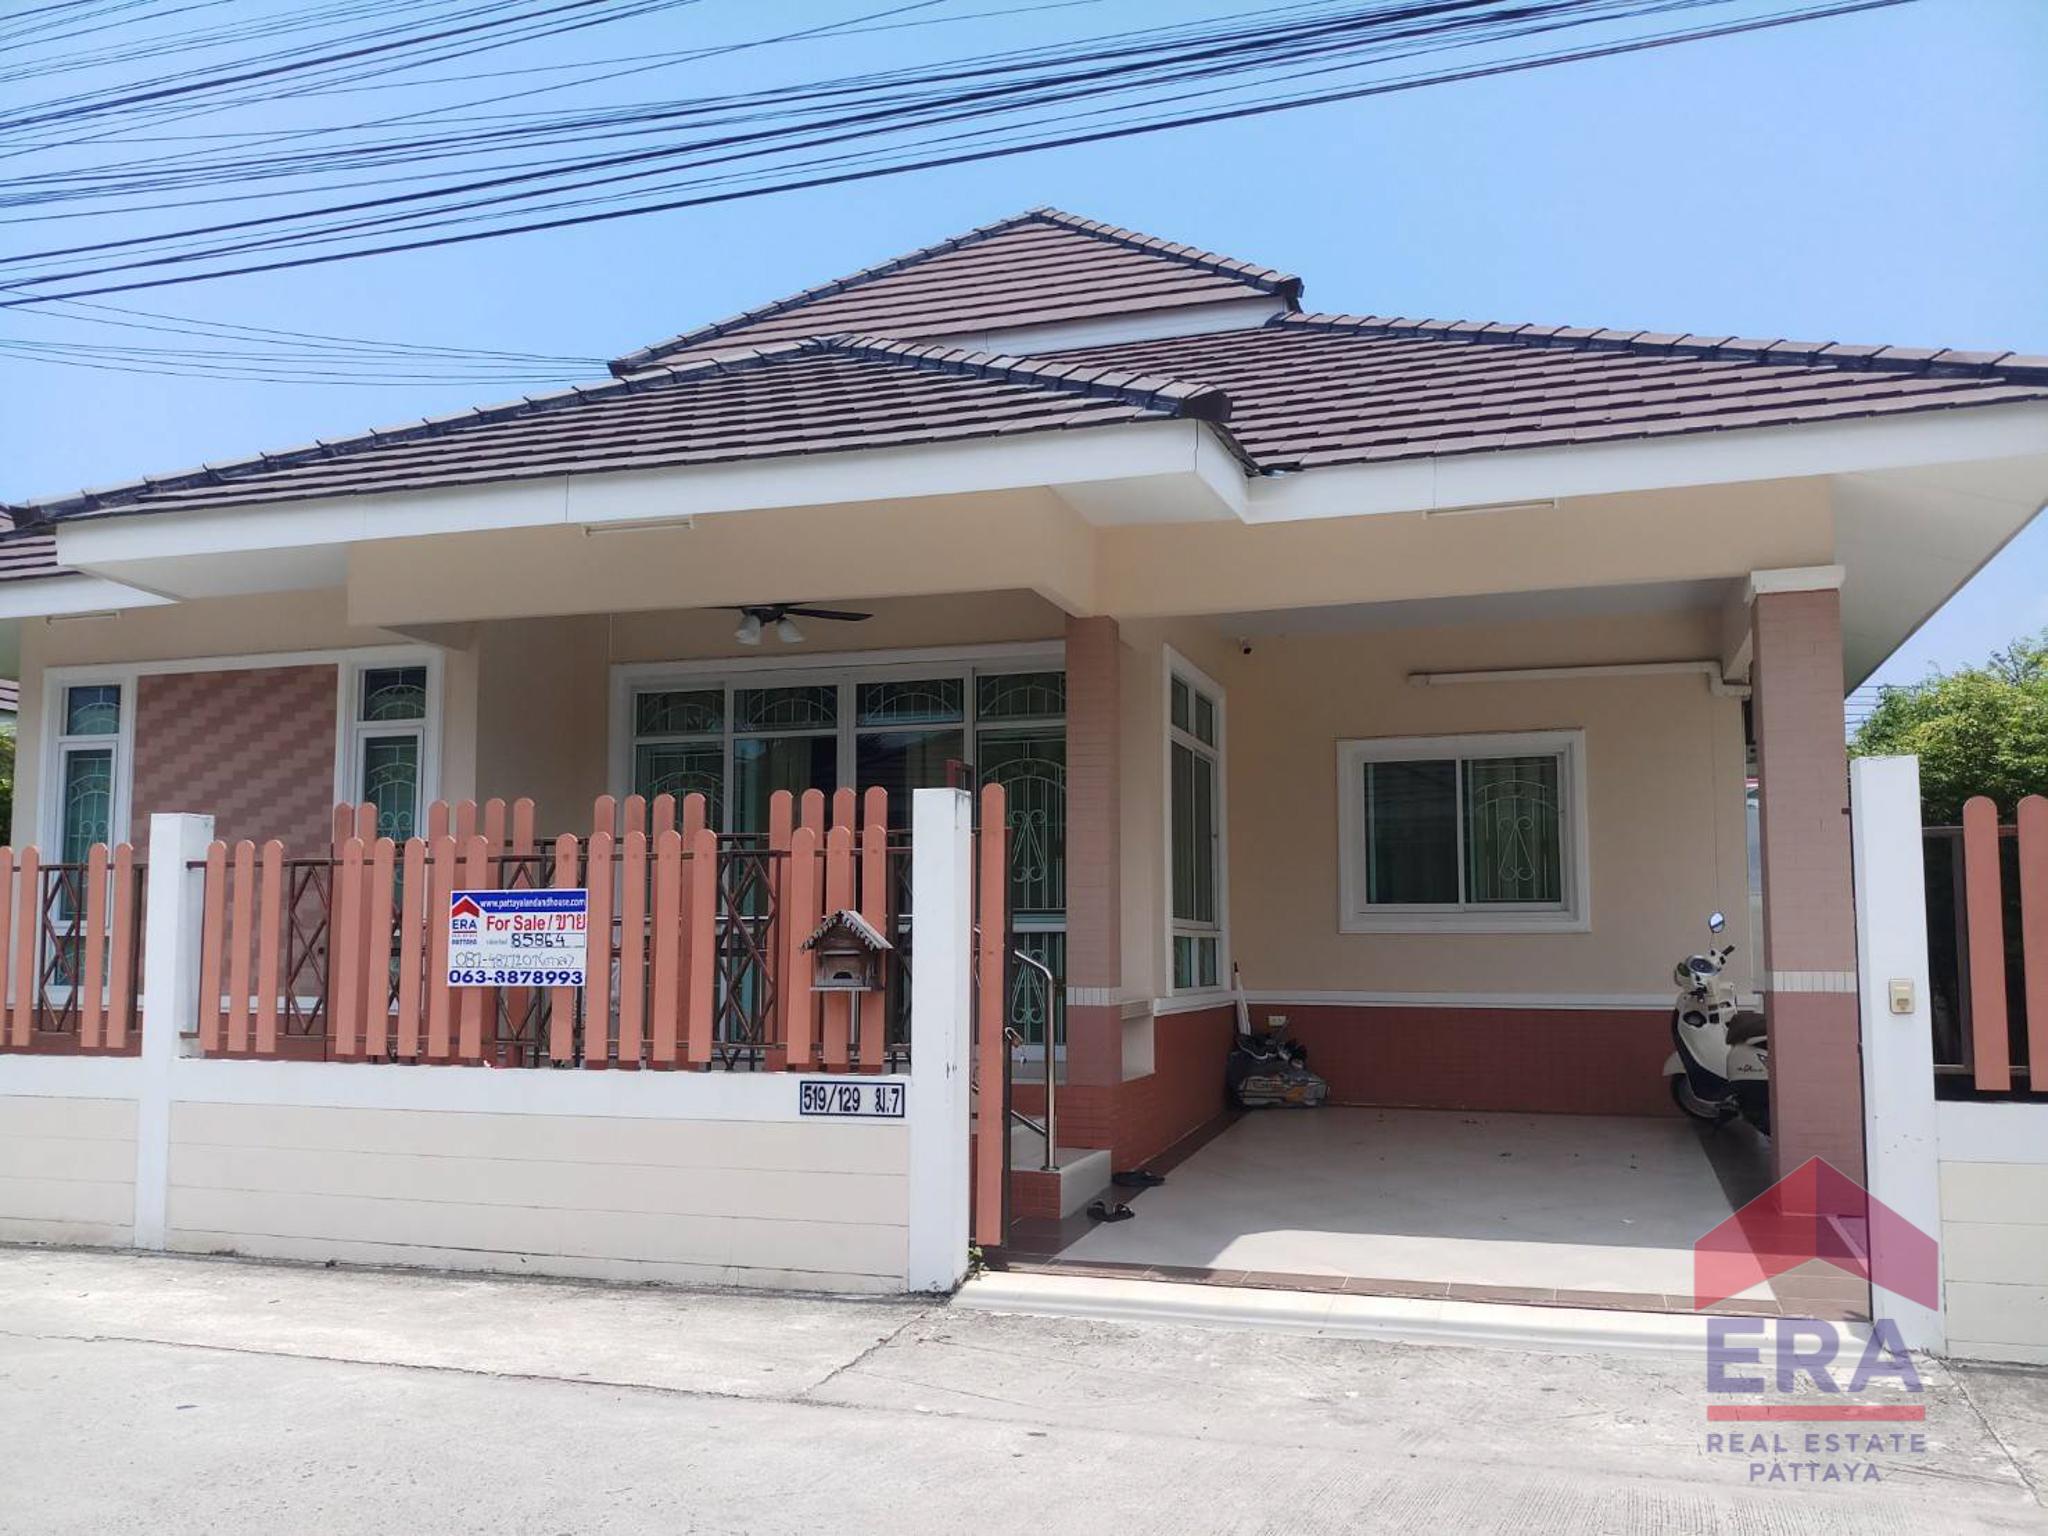 ขายด่วน (sale) บ้านเดี่ยว ชั้นเดียว หมู่บ้าน โชคชัยวิลเลจ10